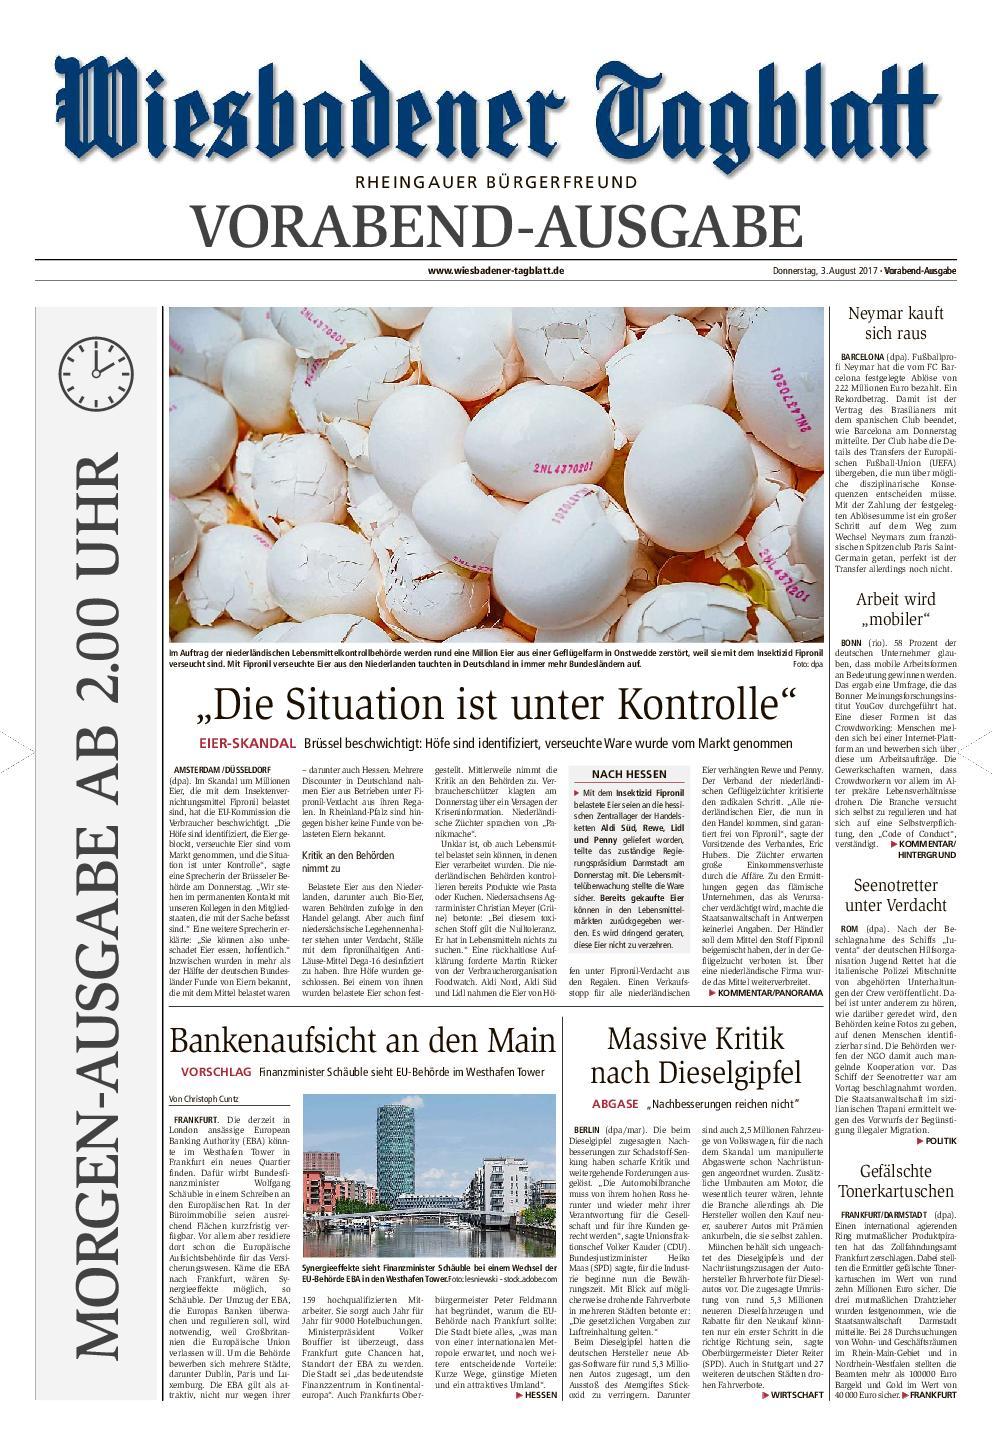 Wiesbadener Tagblatt Rheingau 04 August 2017